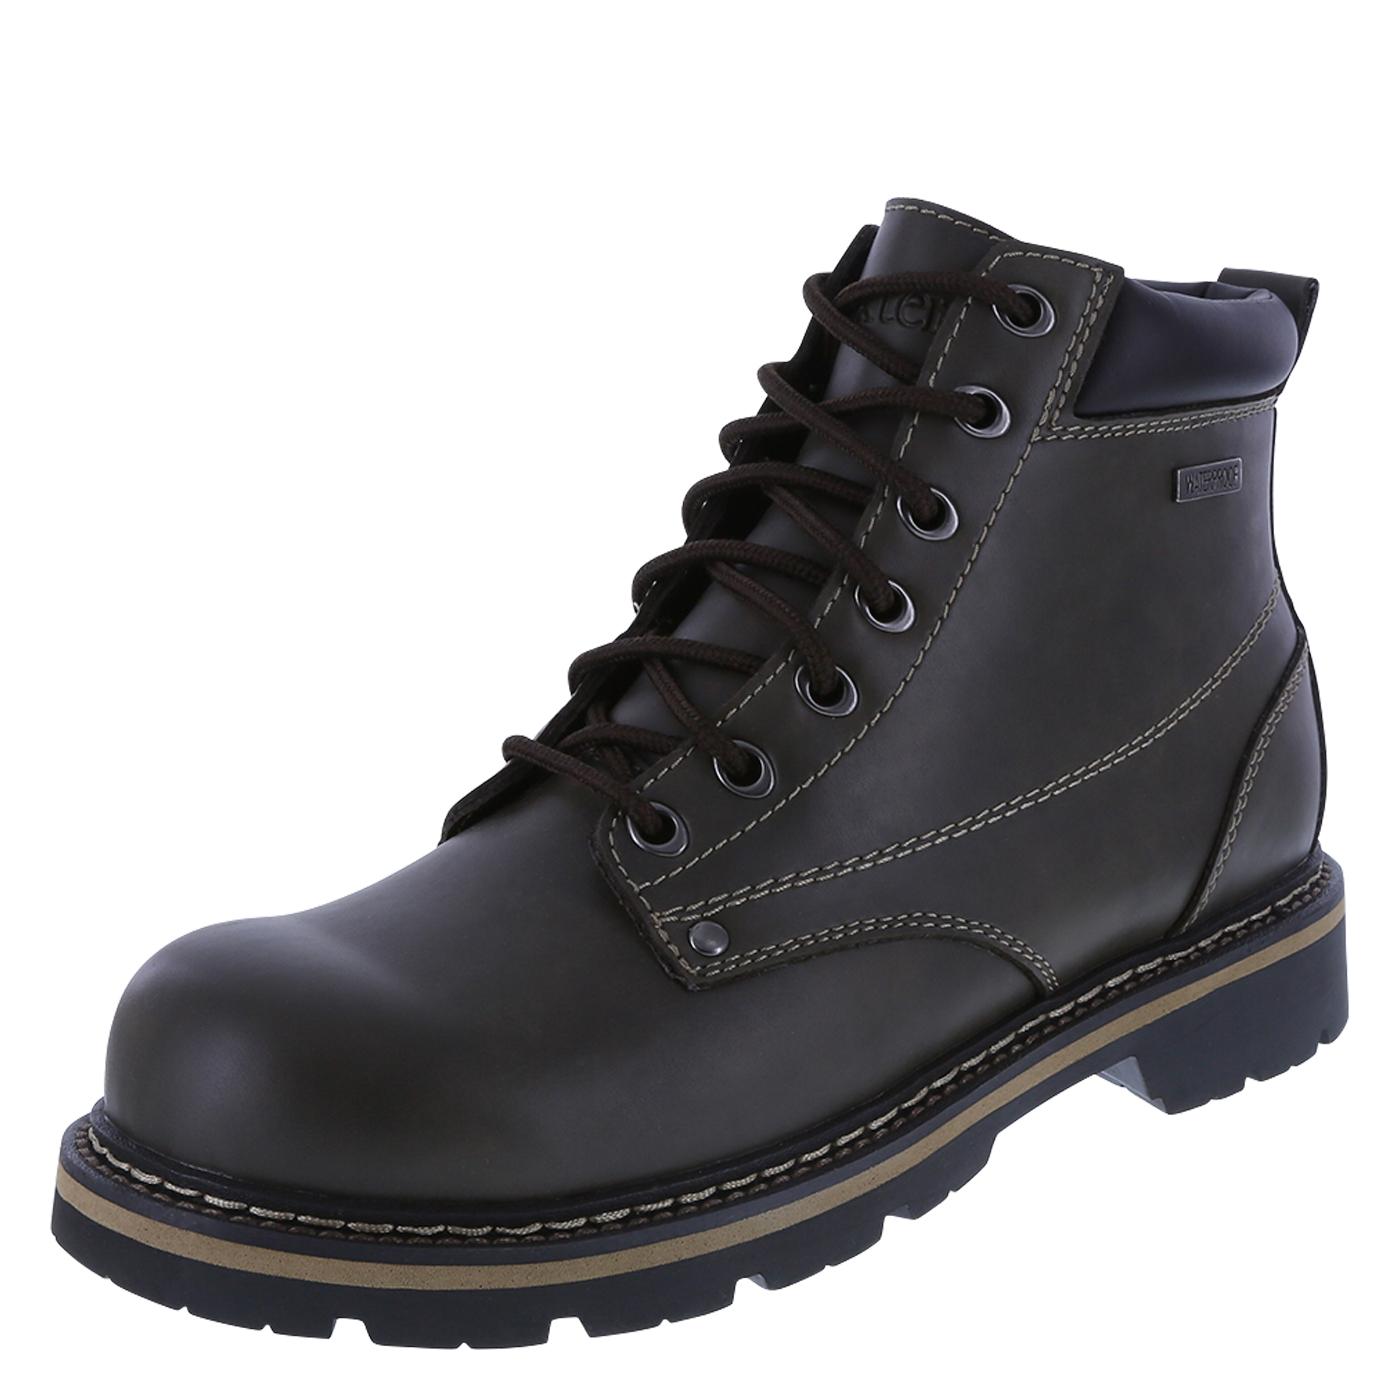 mens waterproof boots menu0027s ranier waterproof bootmenu0027s ranier waterproof boot, brown juotptt